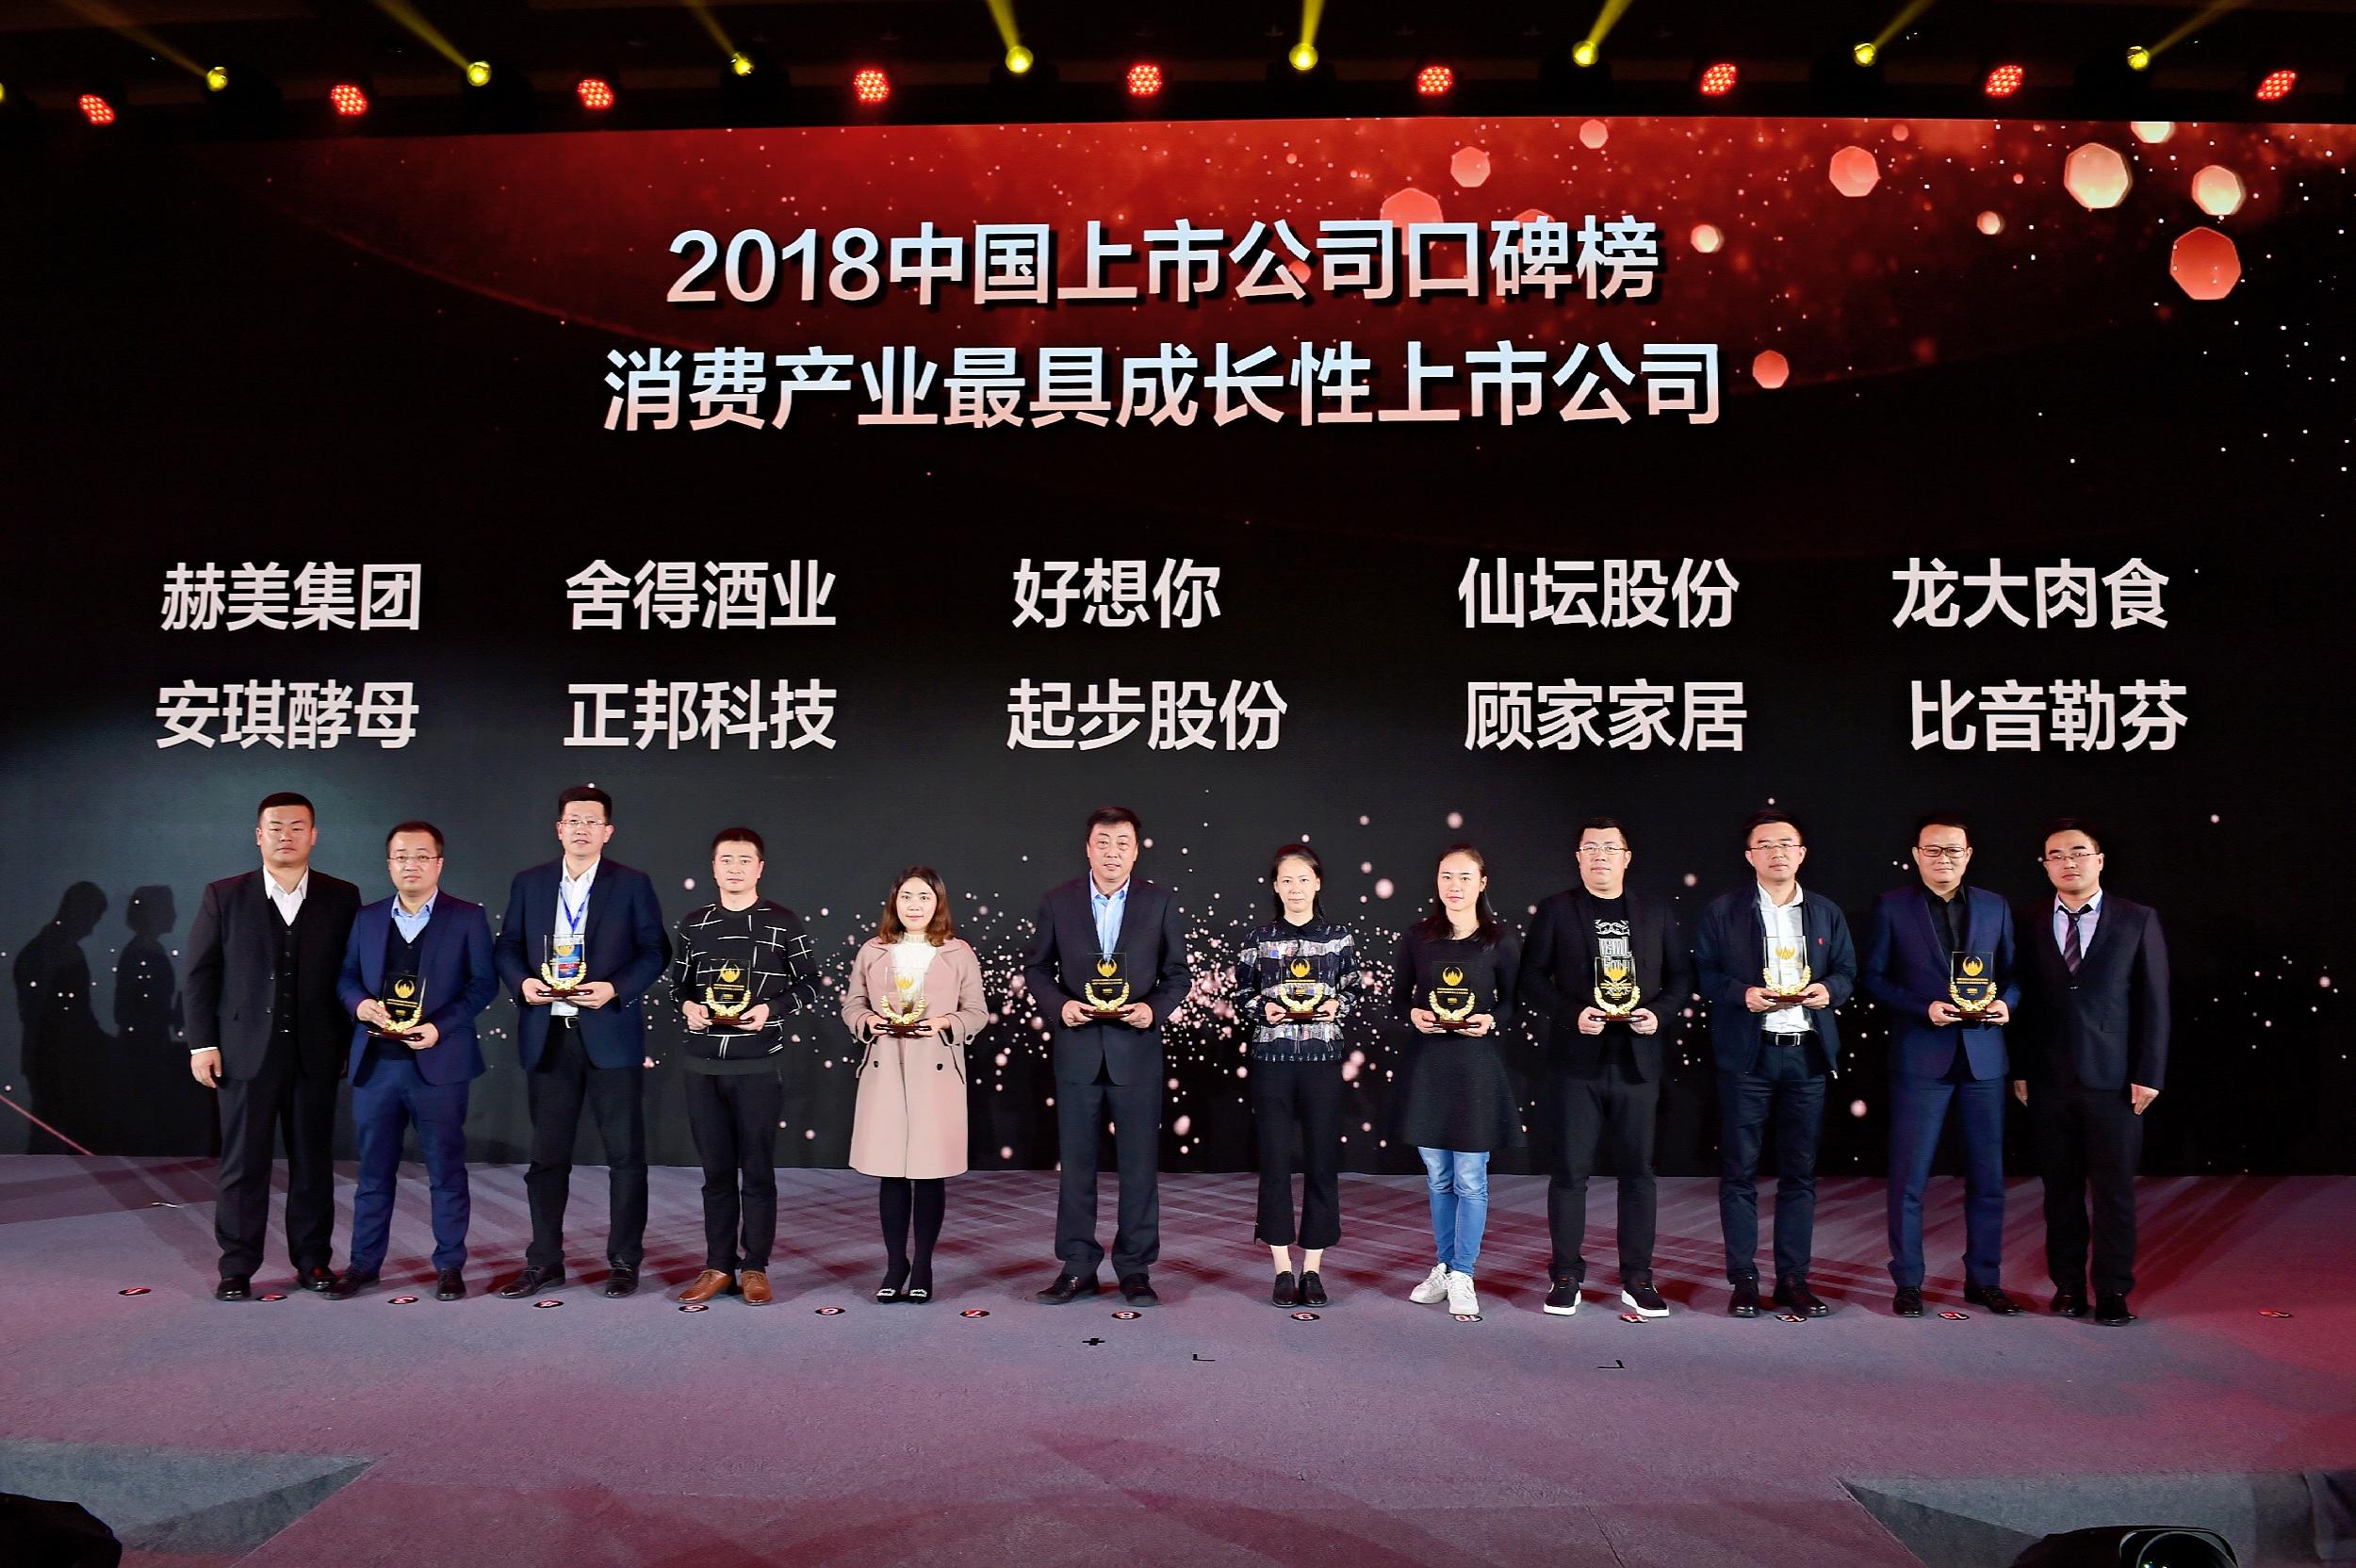 安琪酵母获 2018中国上市公司口碑榜消费产业最具成长性奖